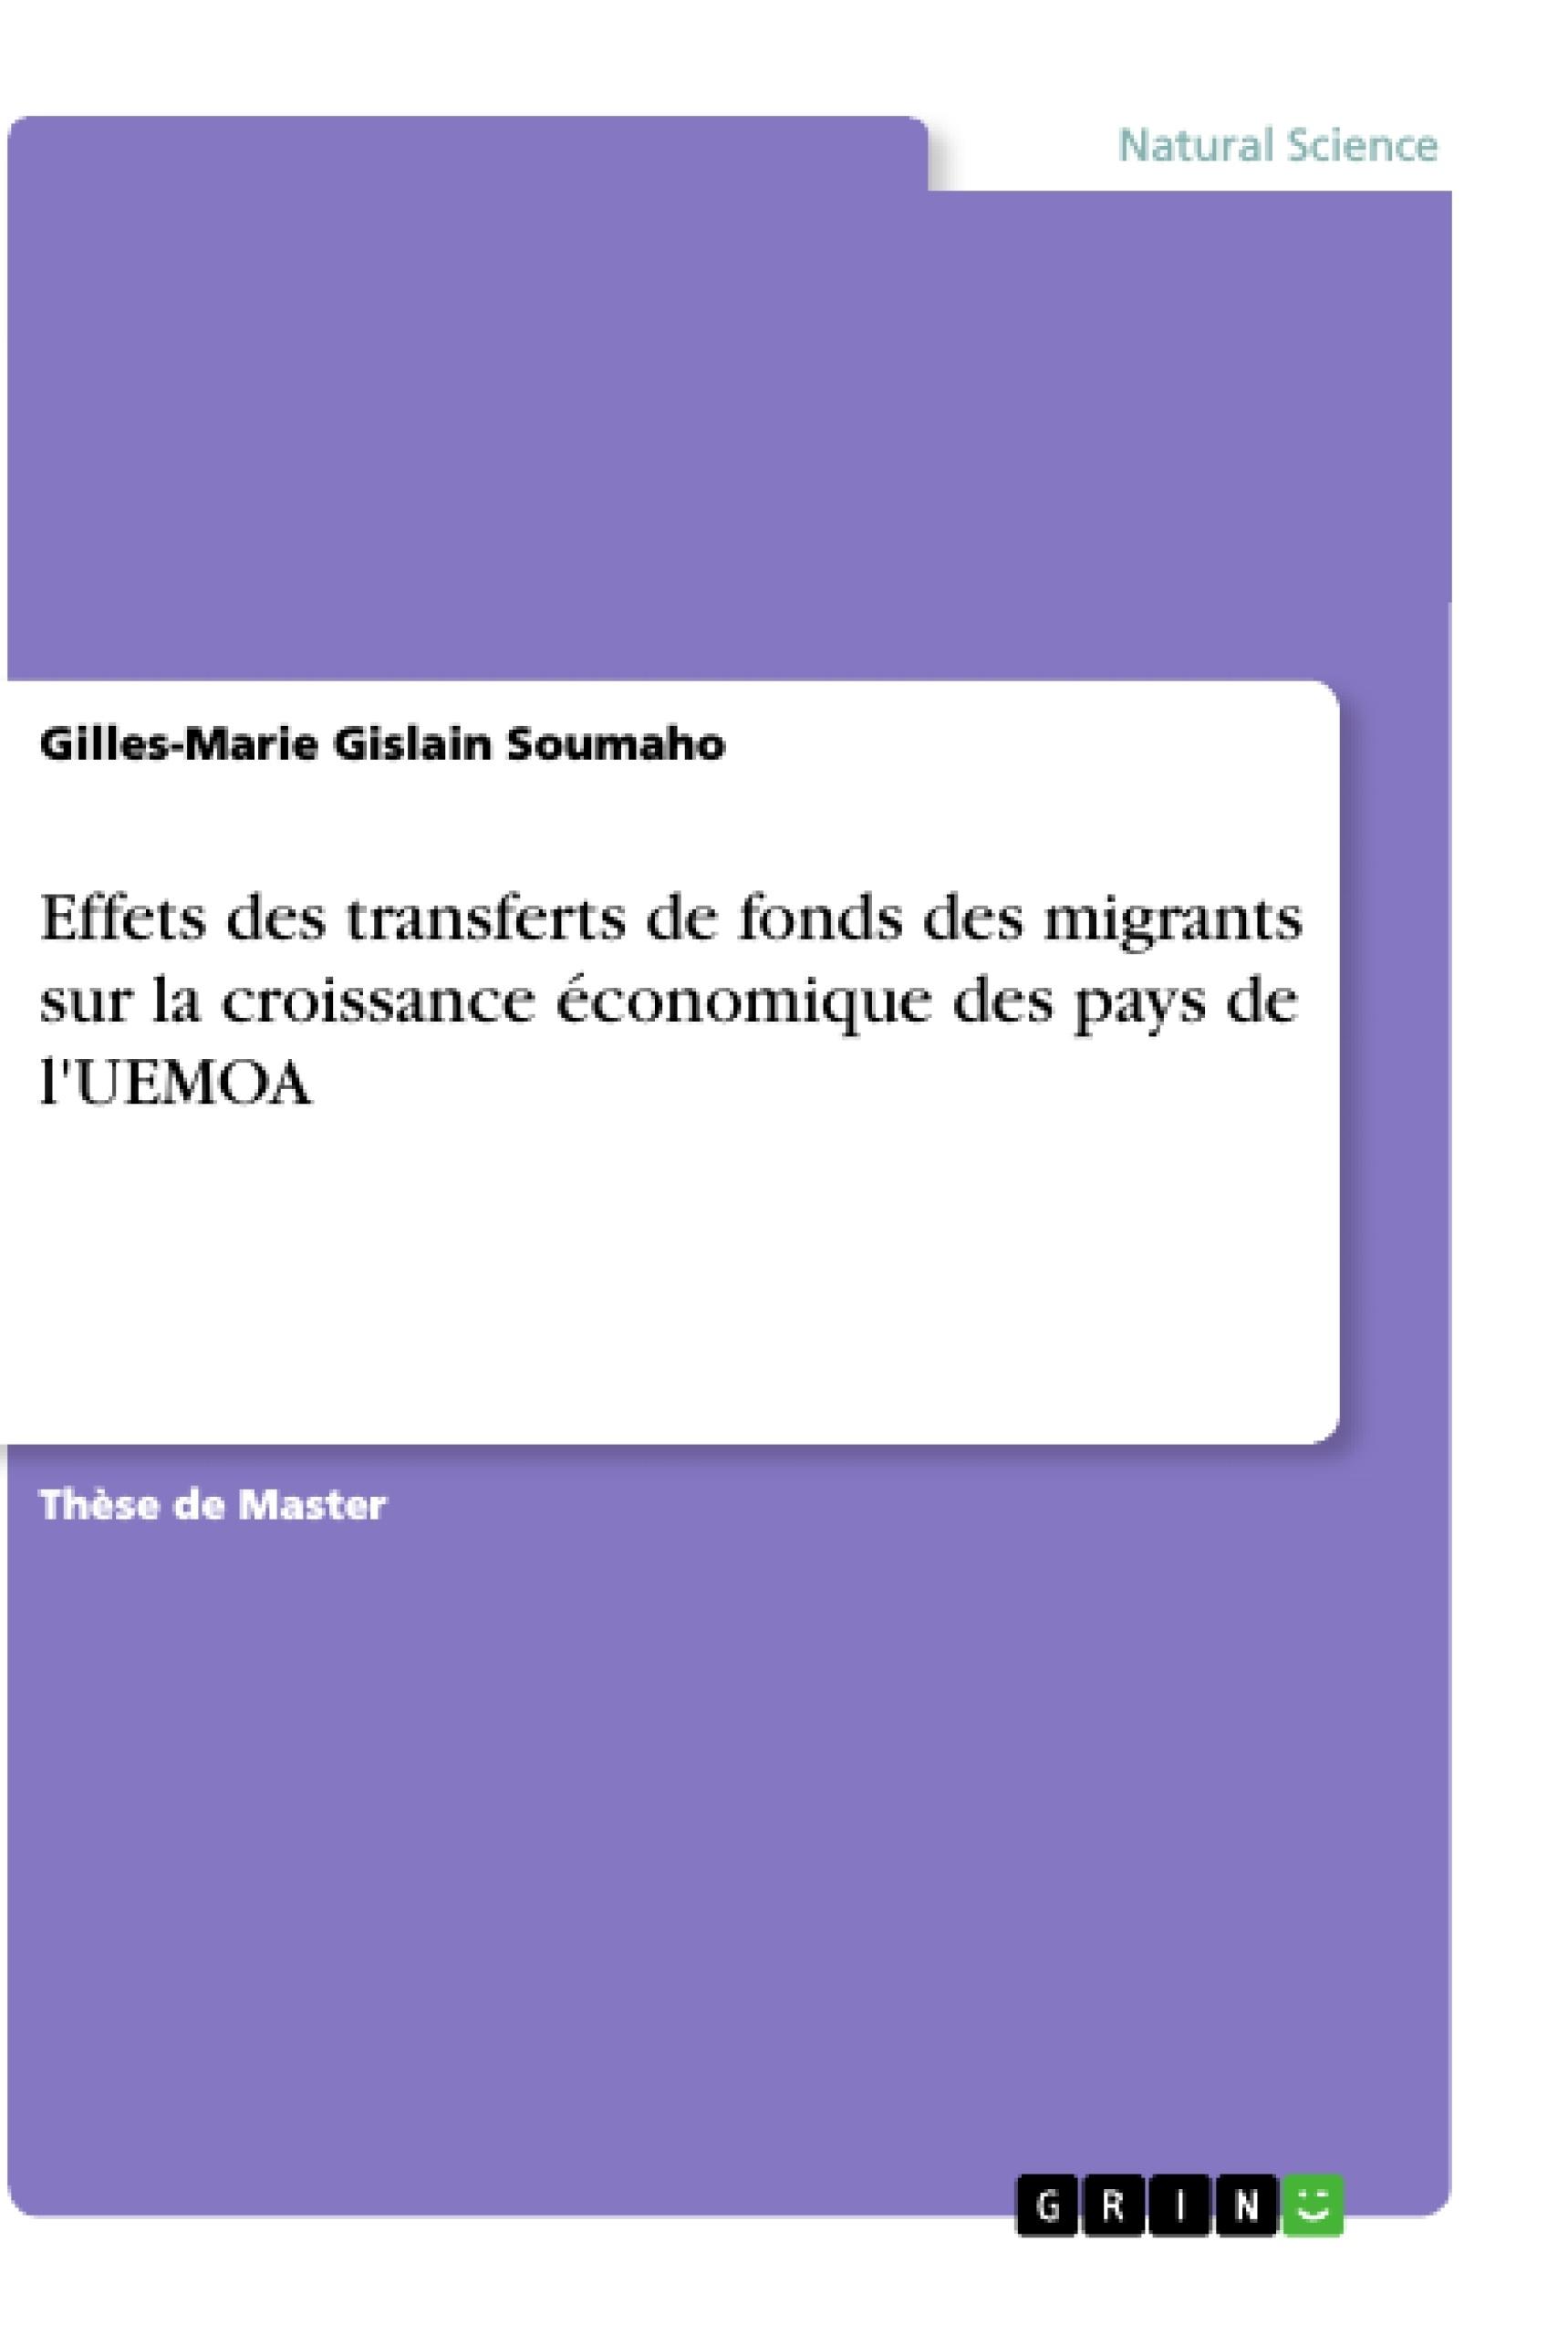 Titre: Effets des transferts de fonds des migrants sur la croissance économique des pays de l'UEMOA